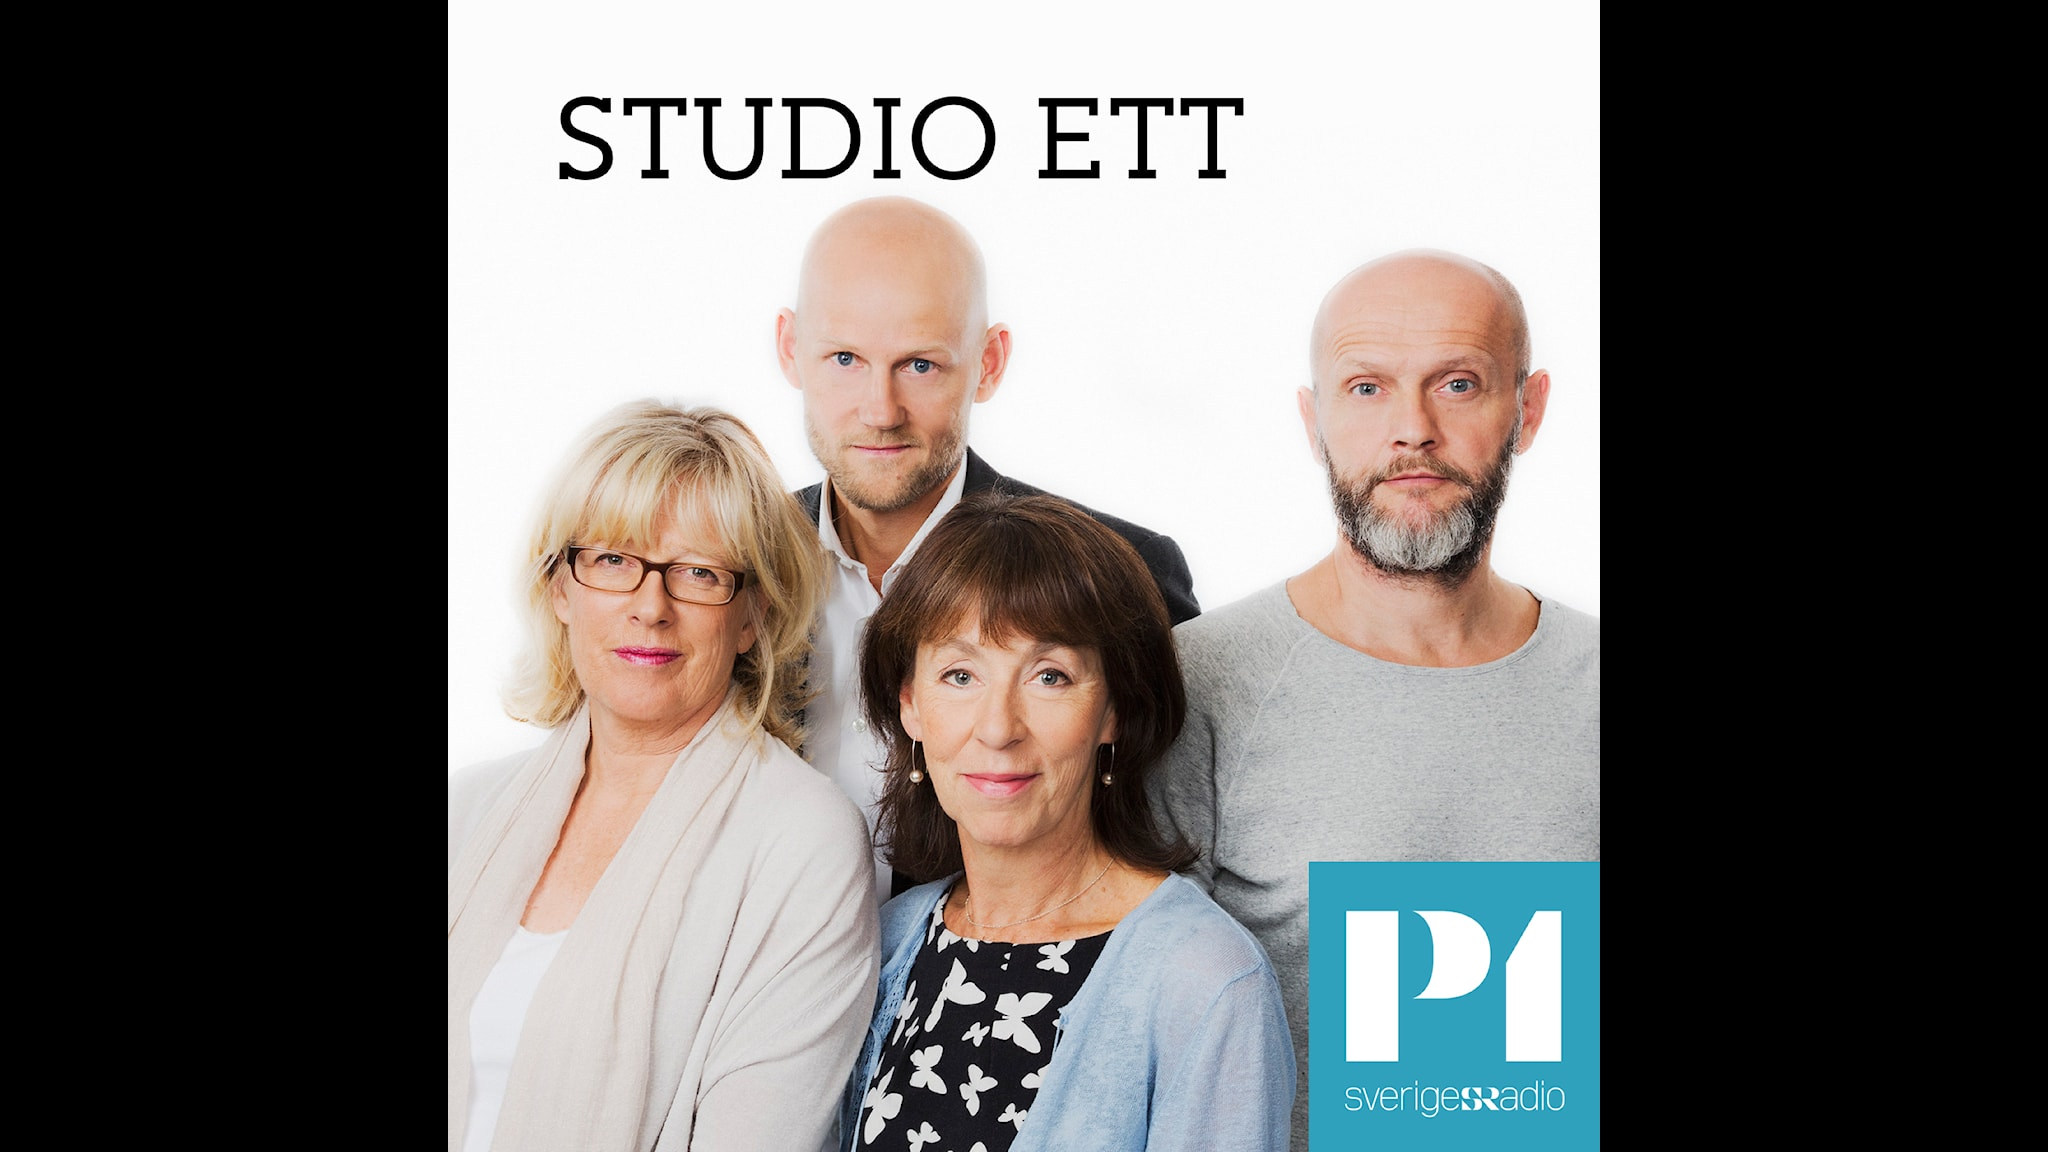 Studio Ett 1 september - spela